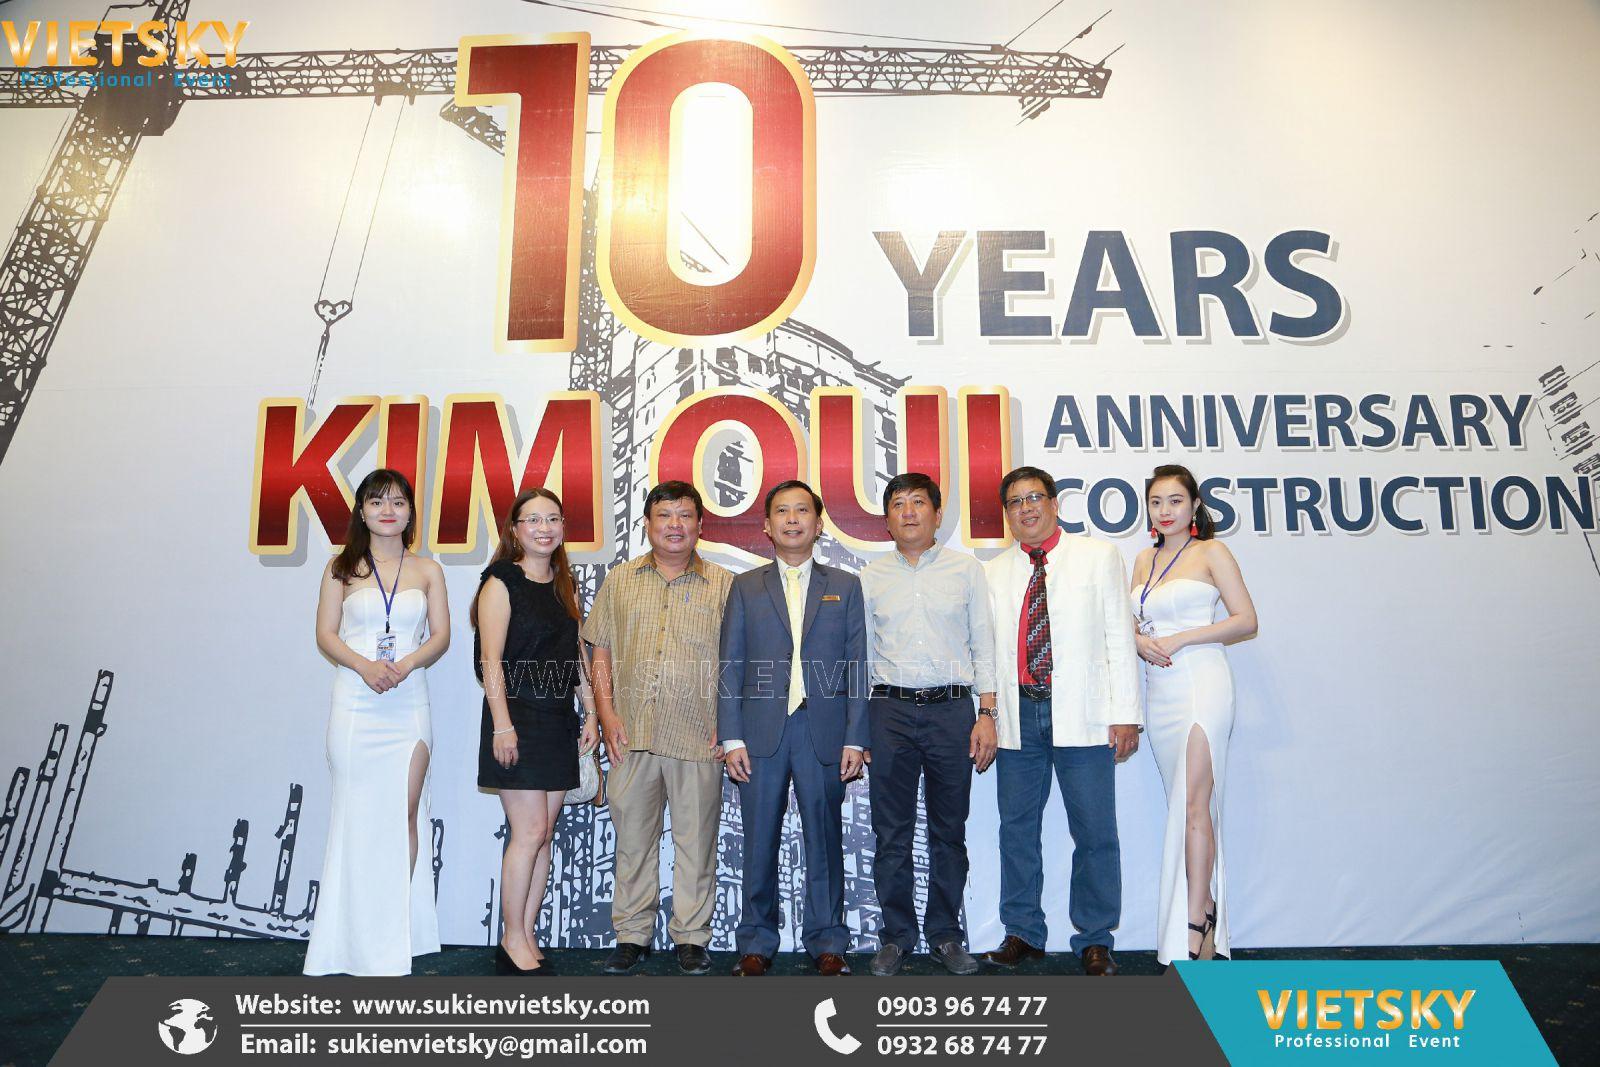 công ty tổ chức lễ kỷ niệm cho công ty tại vũng tàu